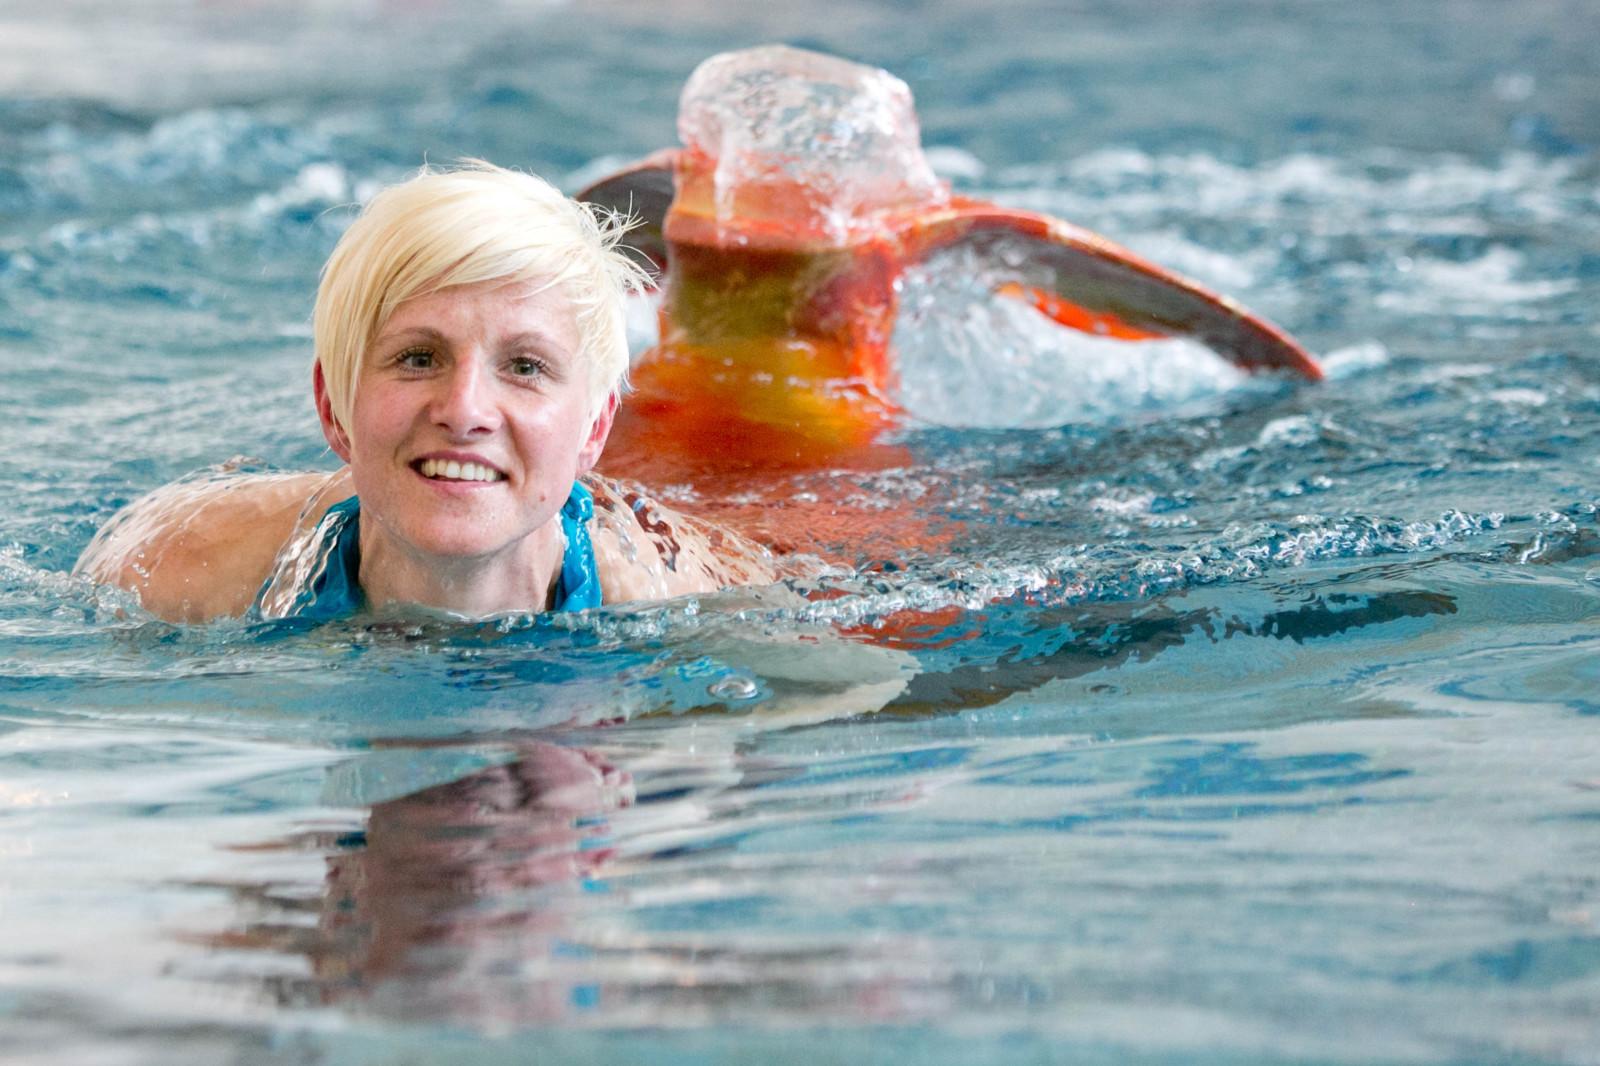 Brustschwimmen ist eine Herausforderung